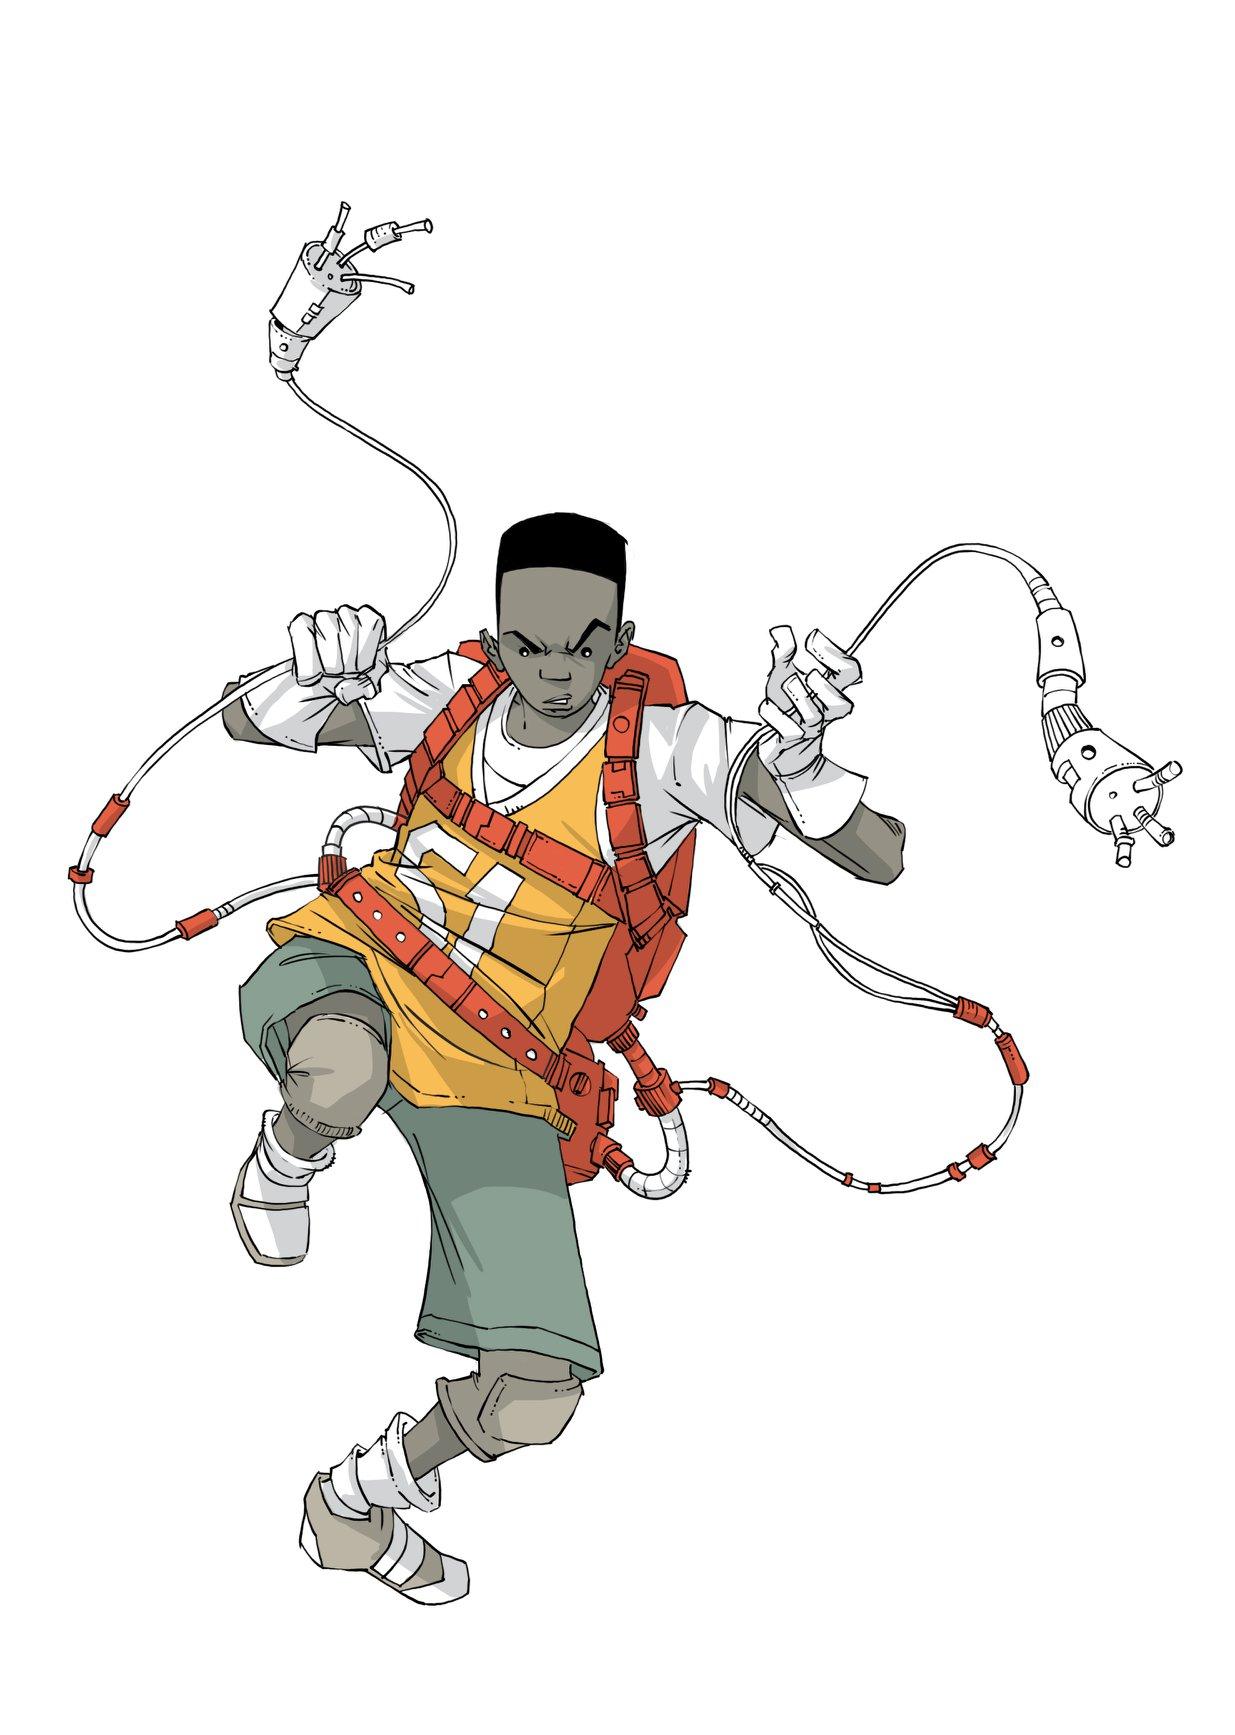 Esticão from Os Informais illustrated by Hélios Januário